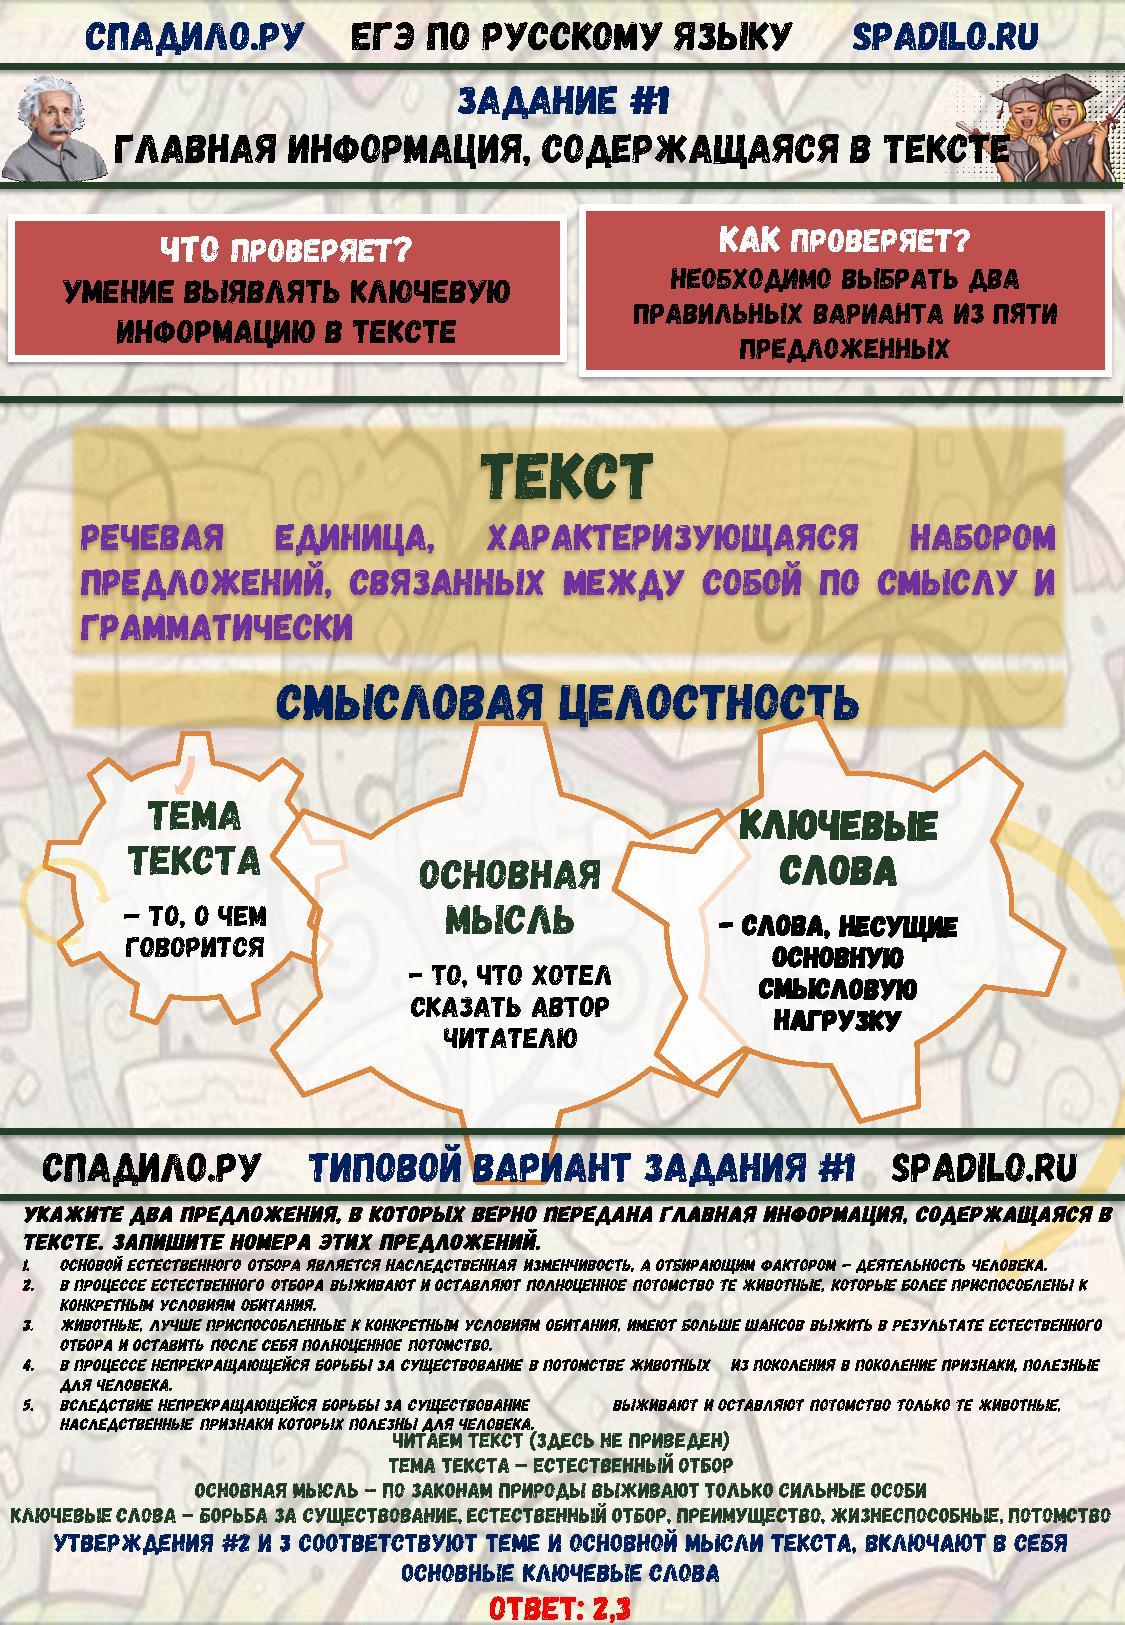 вариант по русскому языку номер 2